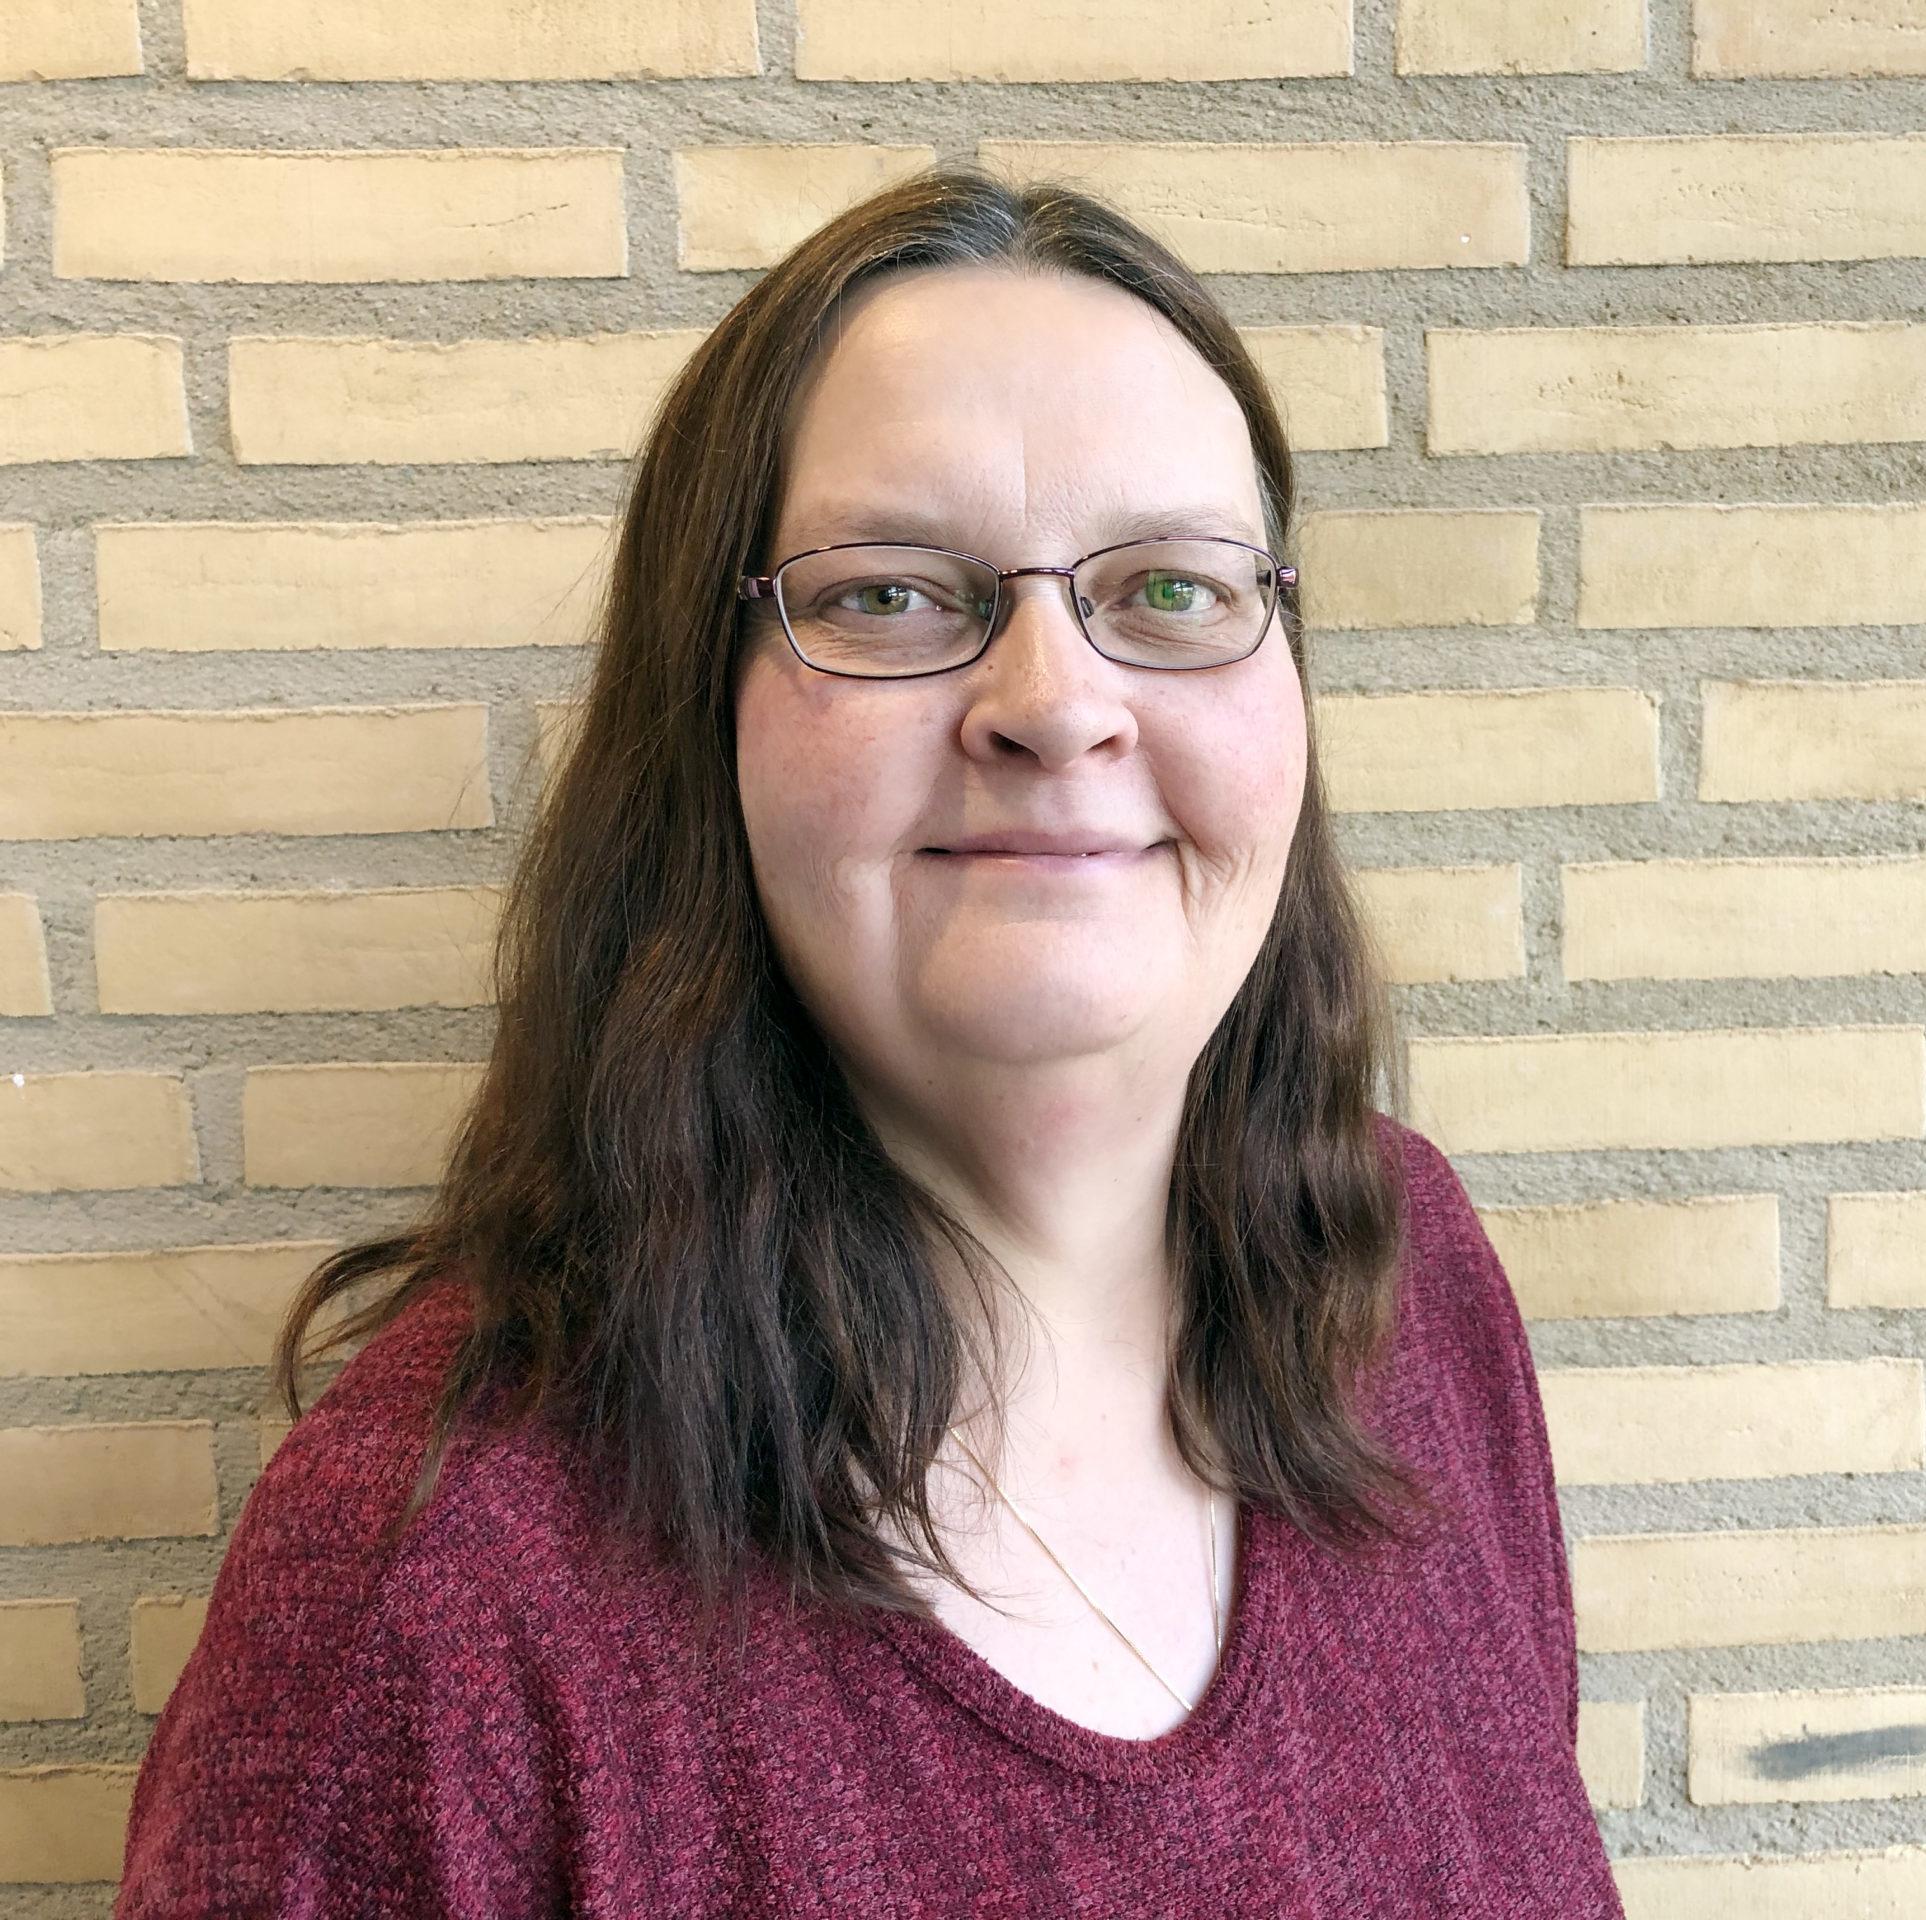 Cecilia Lepistö